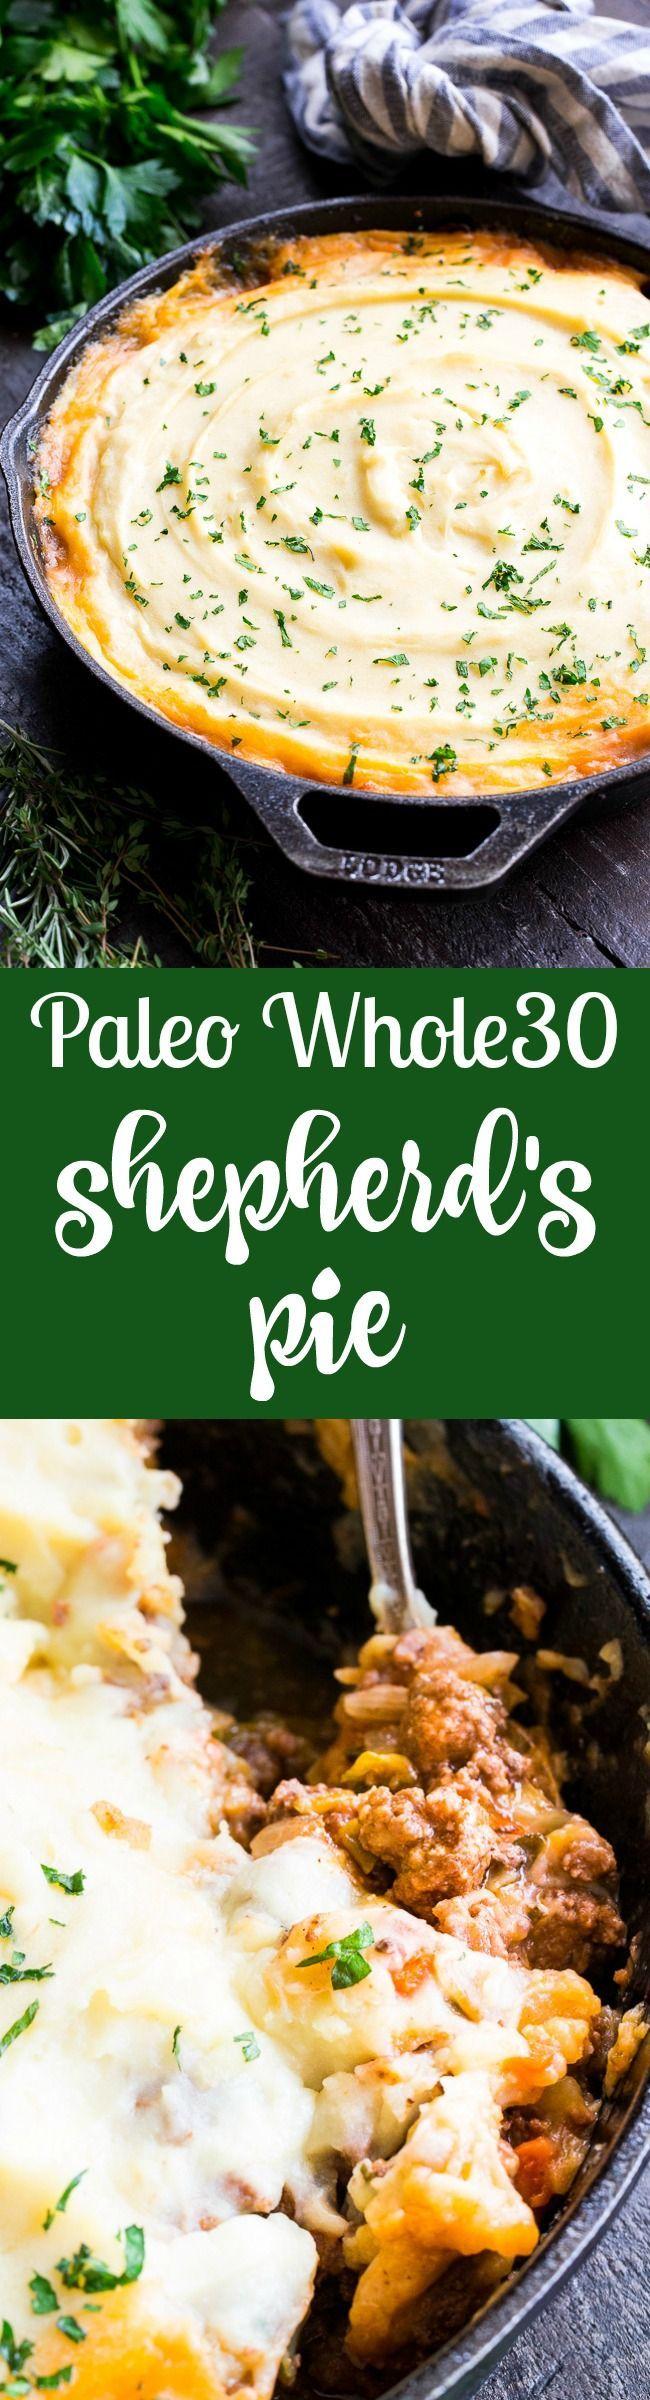 Paleo Shepherd's Pie (Whole30, Dairy Free) | Recipe ...